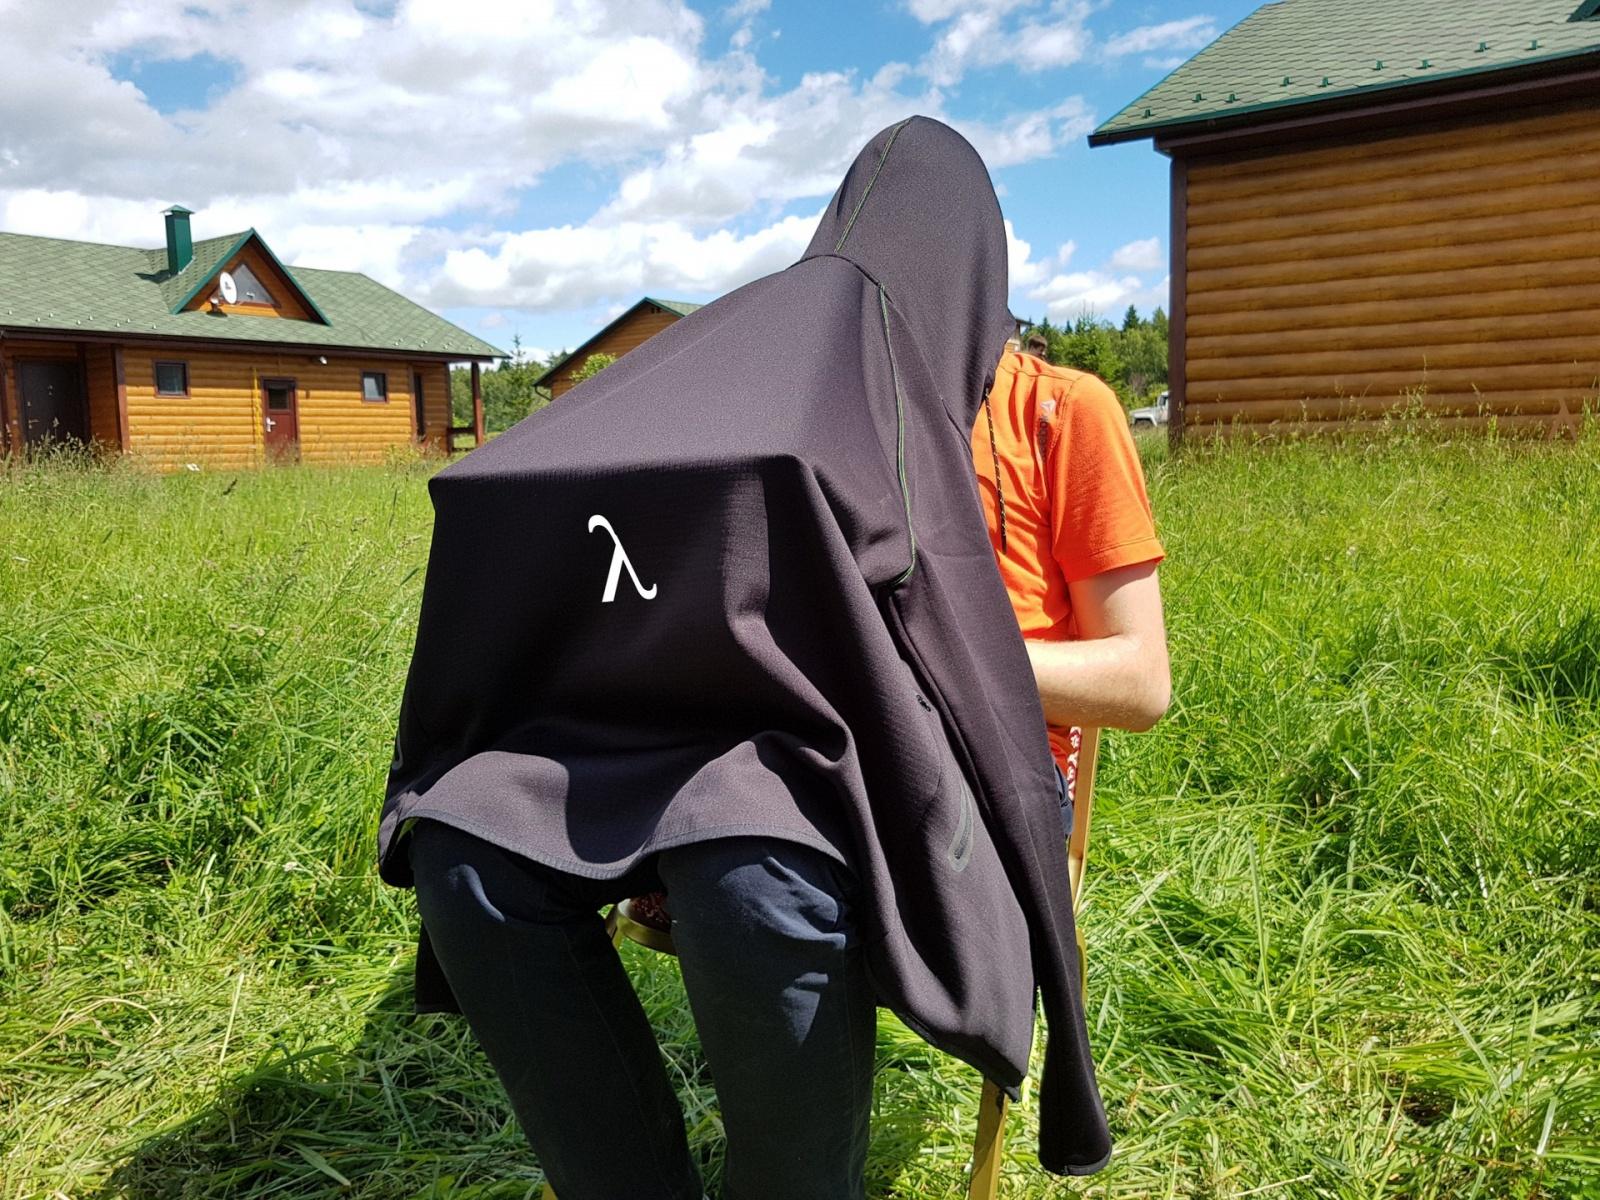 Чёрная Лямбда ефрейтора Волкова: новое направление и гранты на летнюю школу - 1